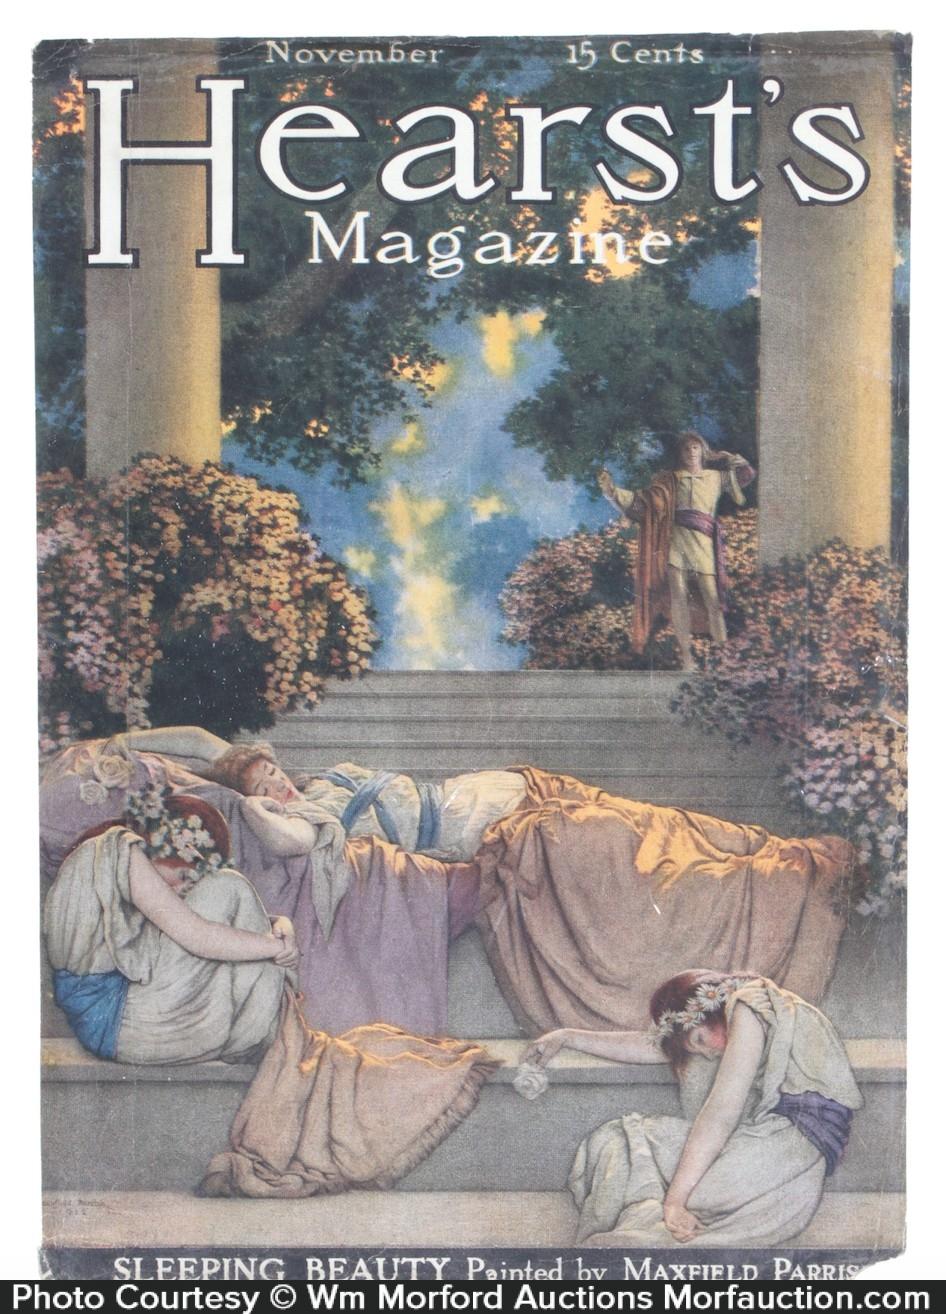 Hearst's Magazine Sleeping Beauty Illustration